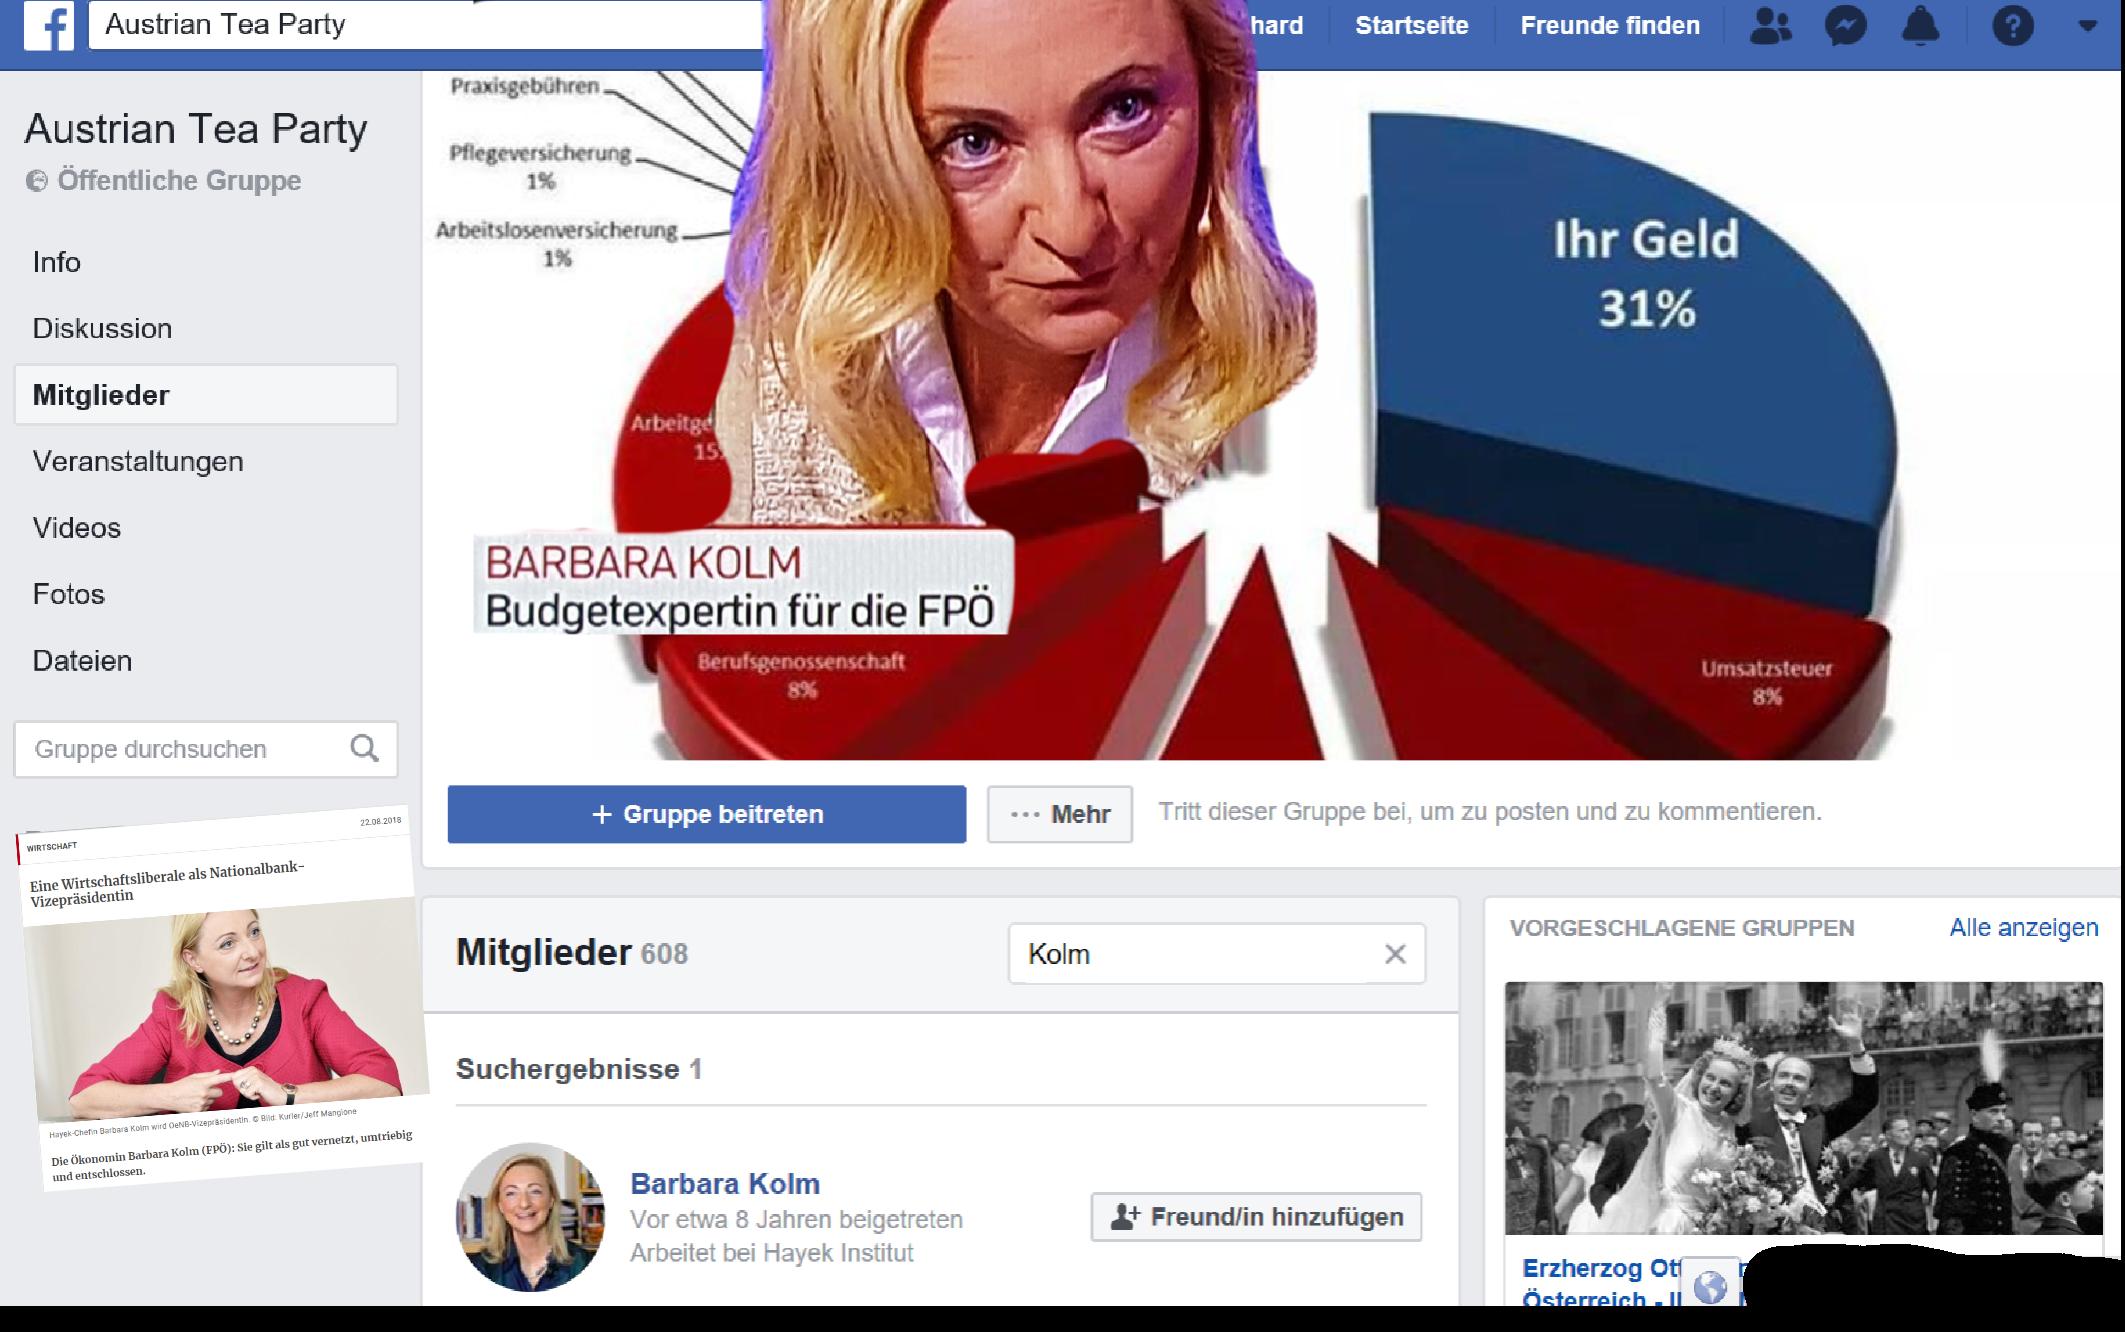 Barbara Kolm - Österreichische Nationalbank